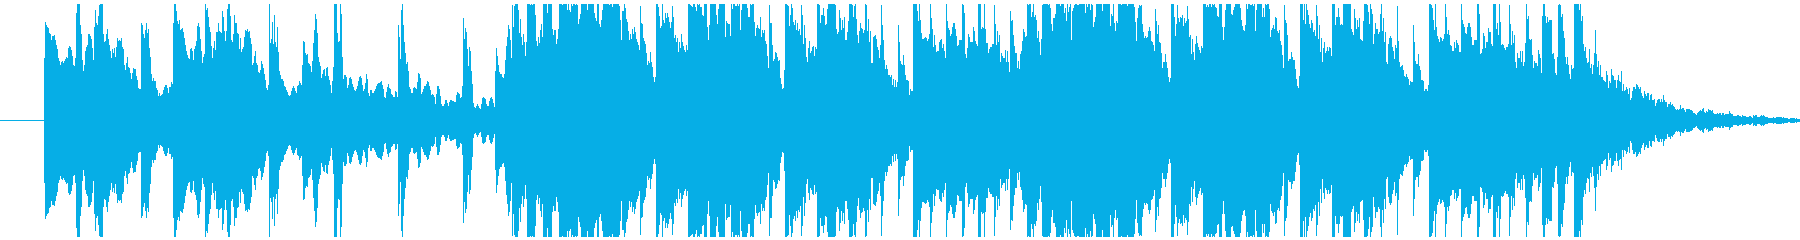 コミカルで転がるようなサウンドのBGMの再生済みの波形